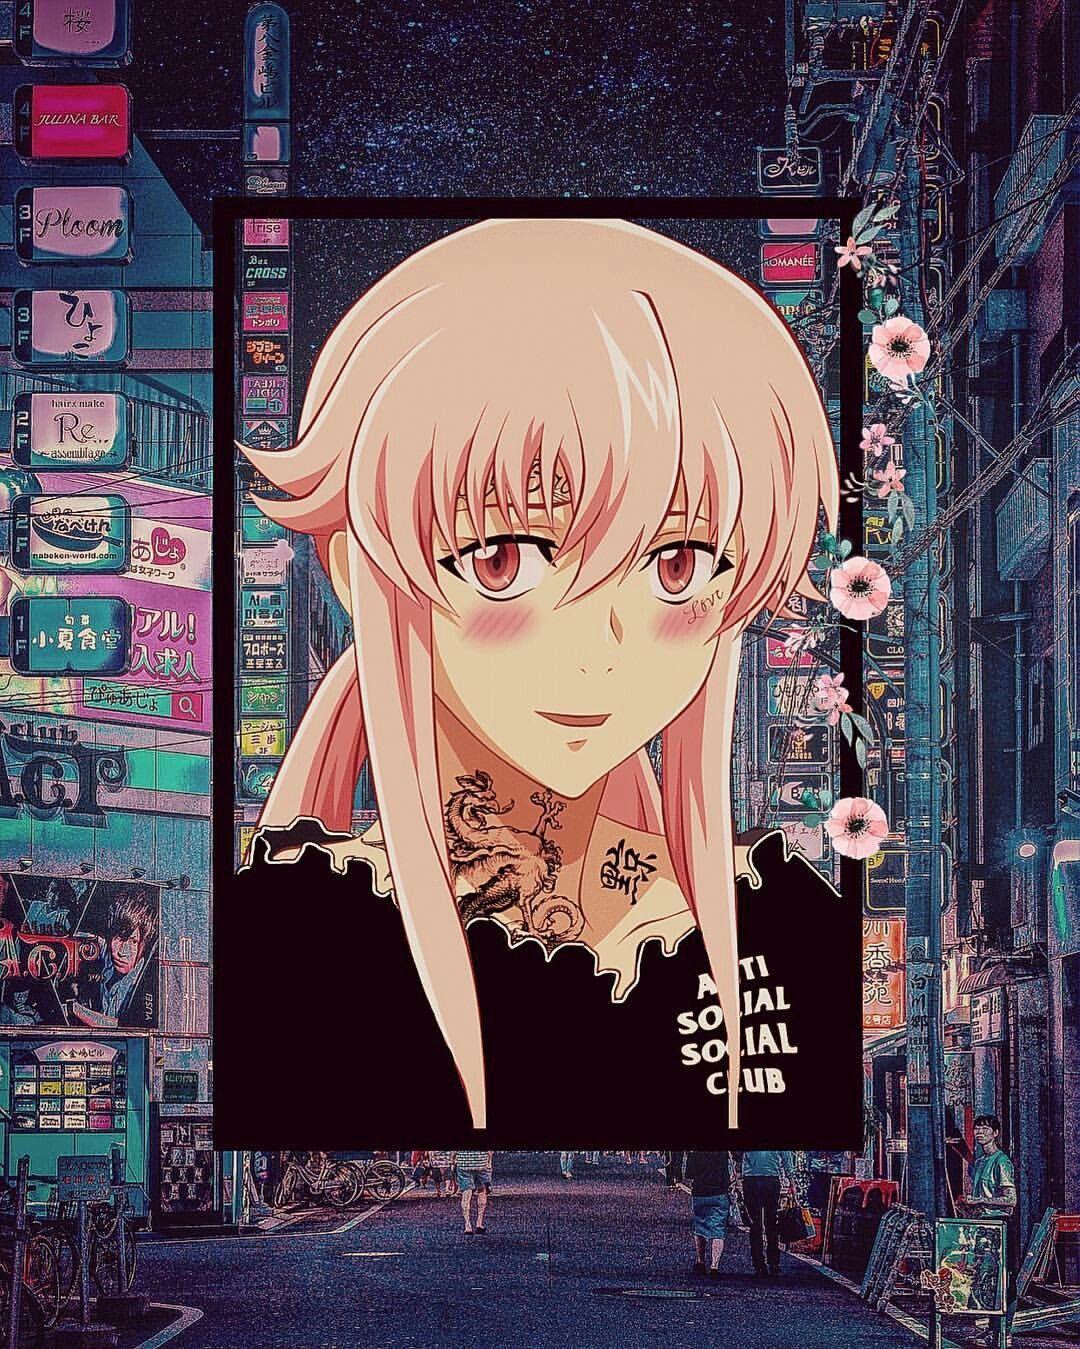 Pin By J I N K I E S My Glasses On Anime Anime Wallpaper Mirai Nikki Anime